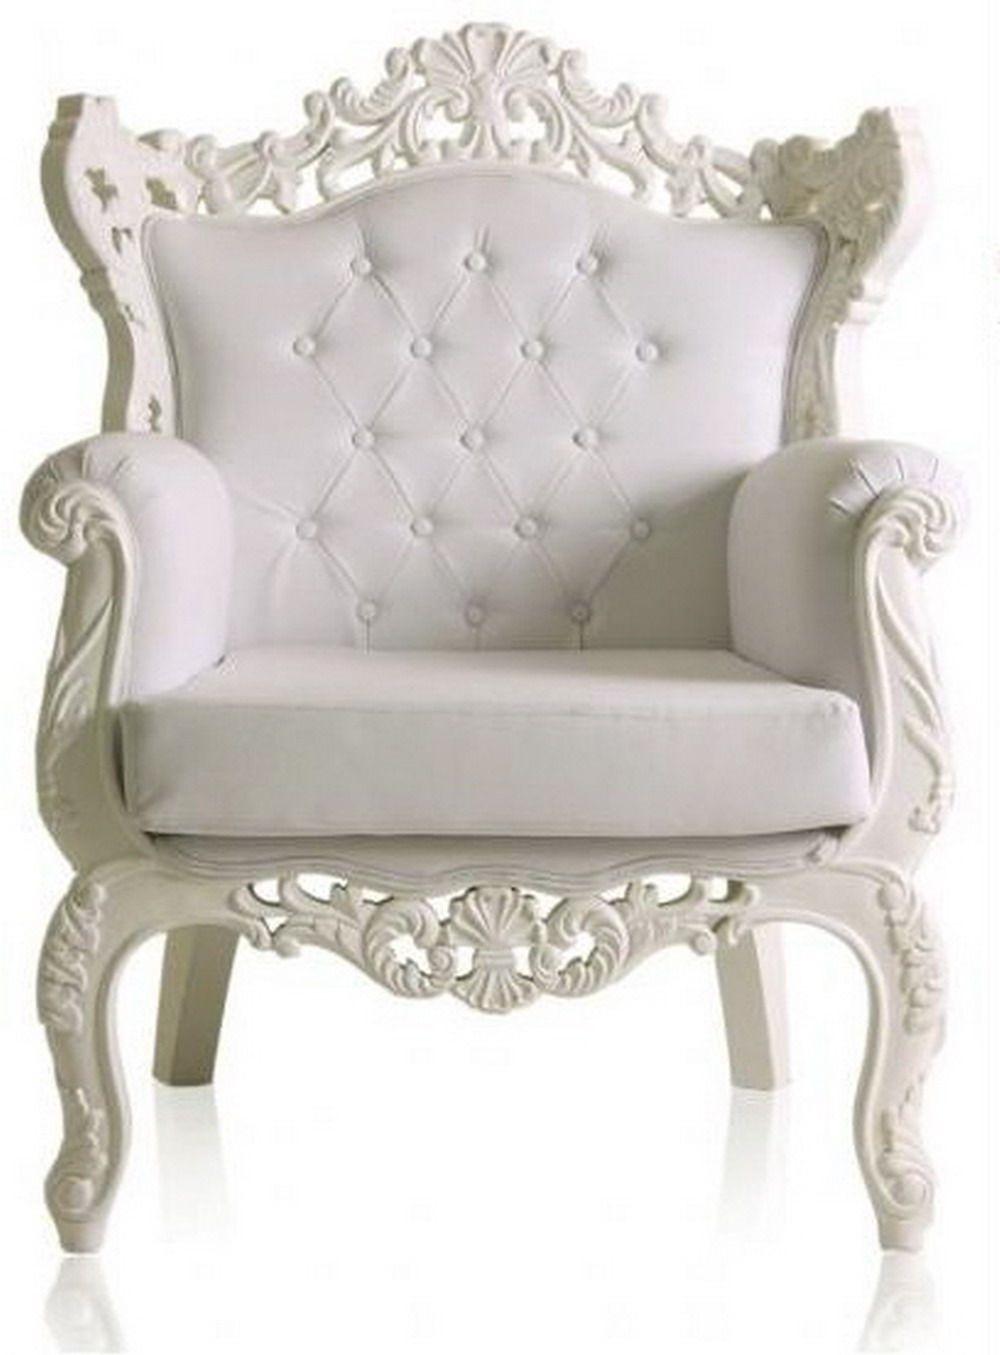 White Antique Chair I Think Got A